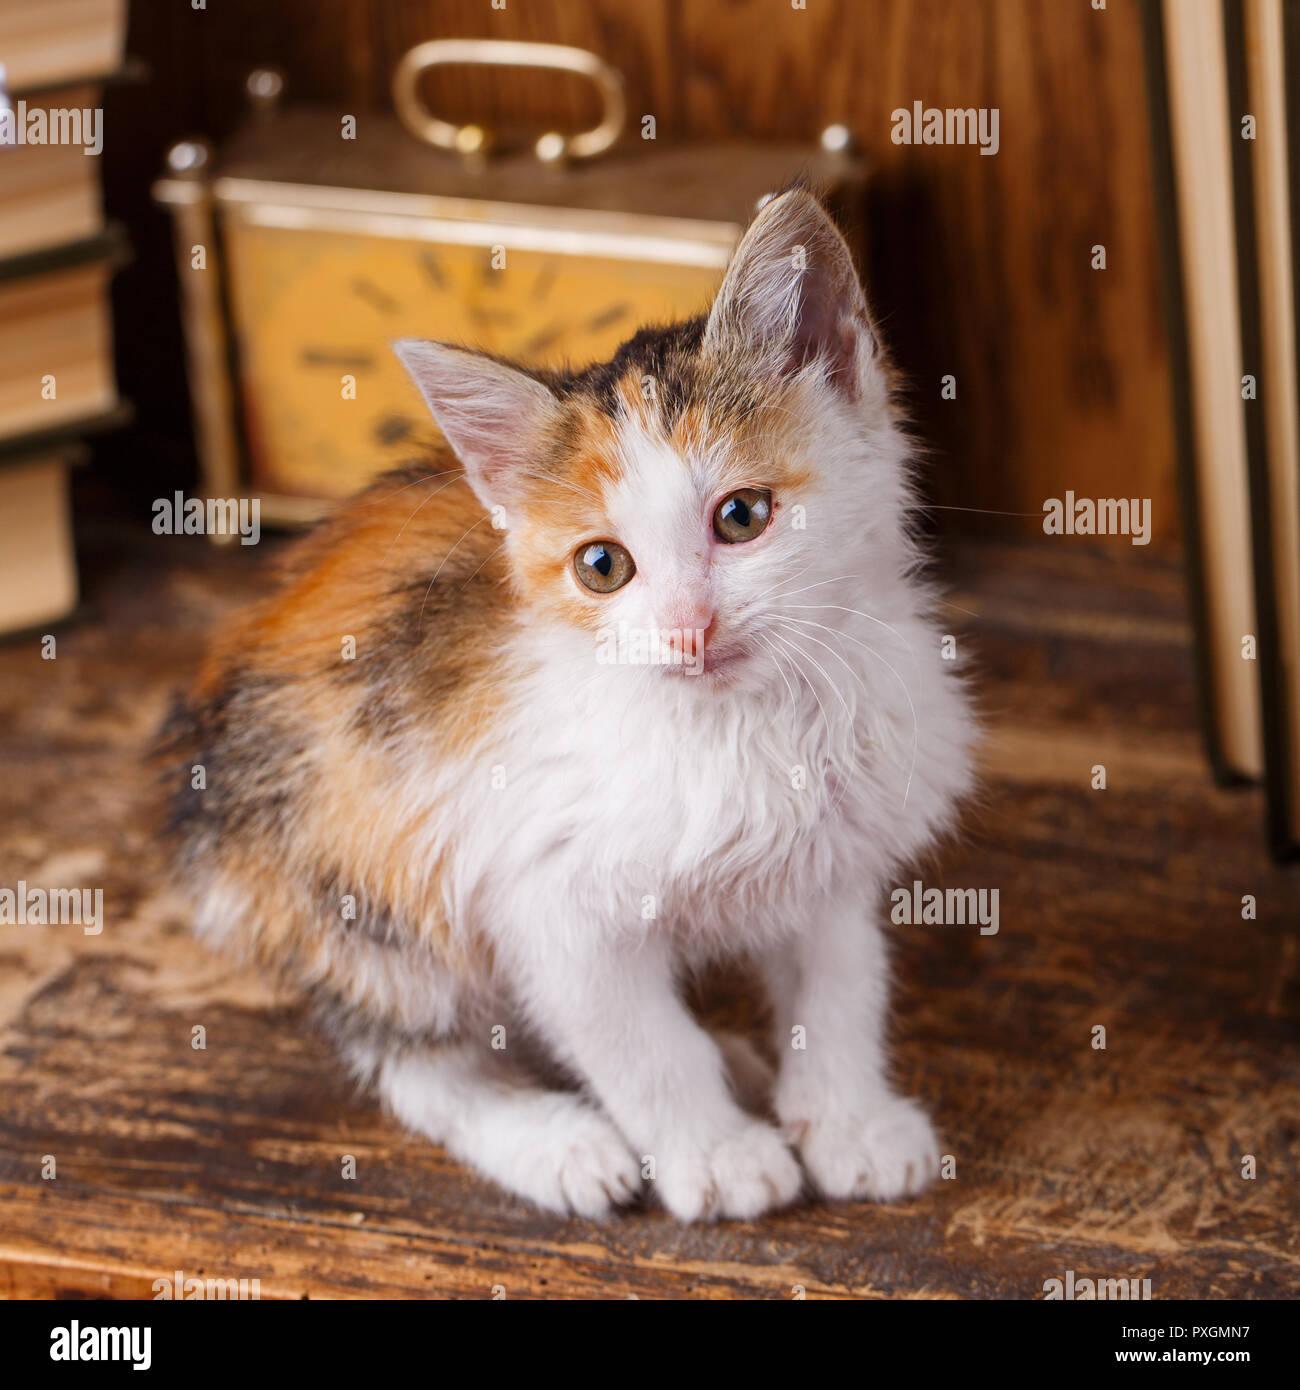 Die Katze auf dem Bücherregal. Wenig verspieltes Kätzchen. Stockbild